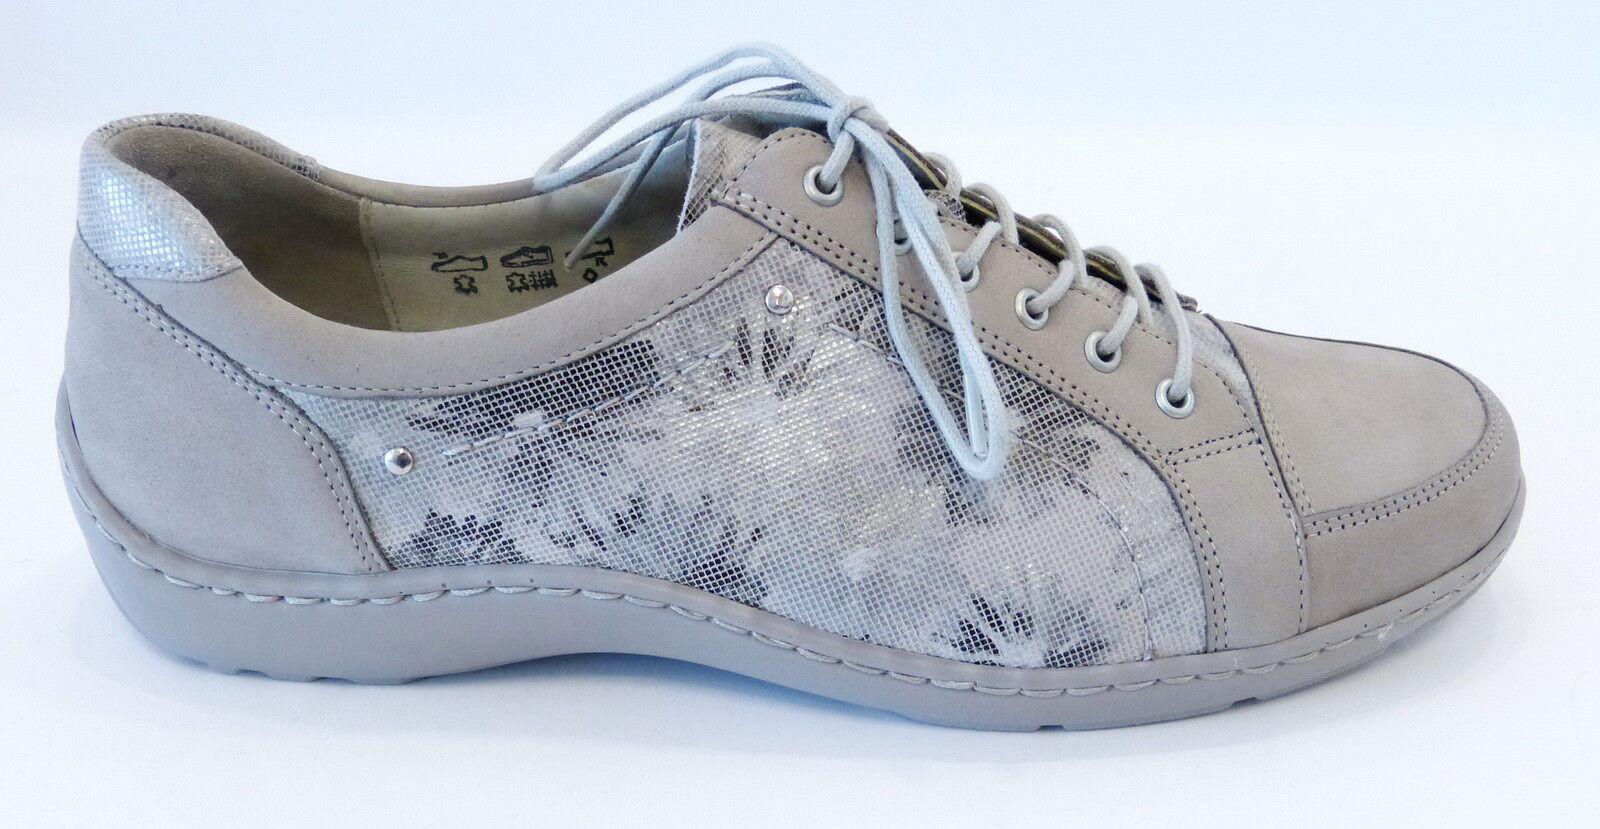 Gabor Gabor grandi CASUAL BALLERINA in Taglie Forti Rosa 84.162.14 grandi Gabor scarpe da donna 7ef437